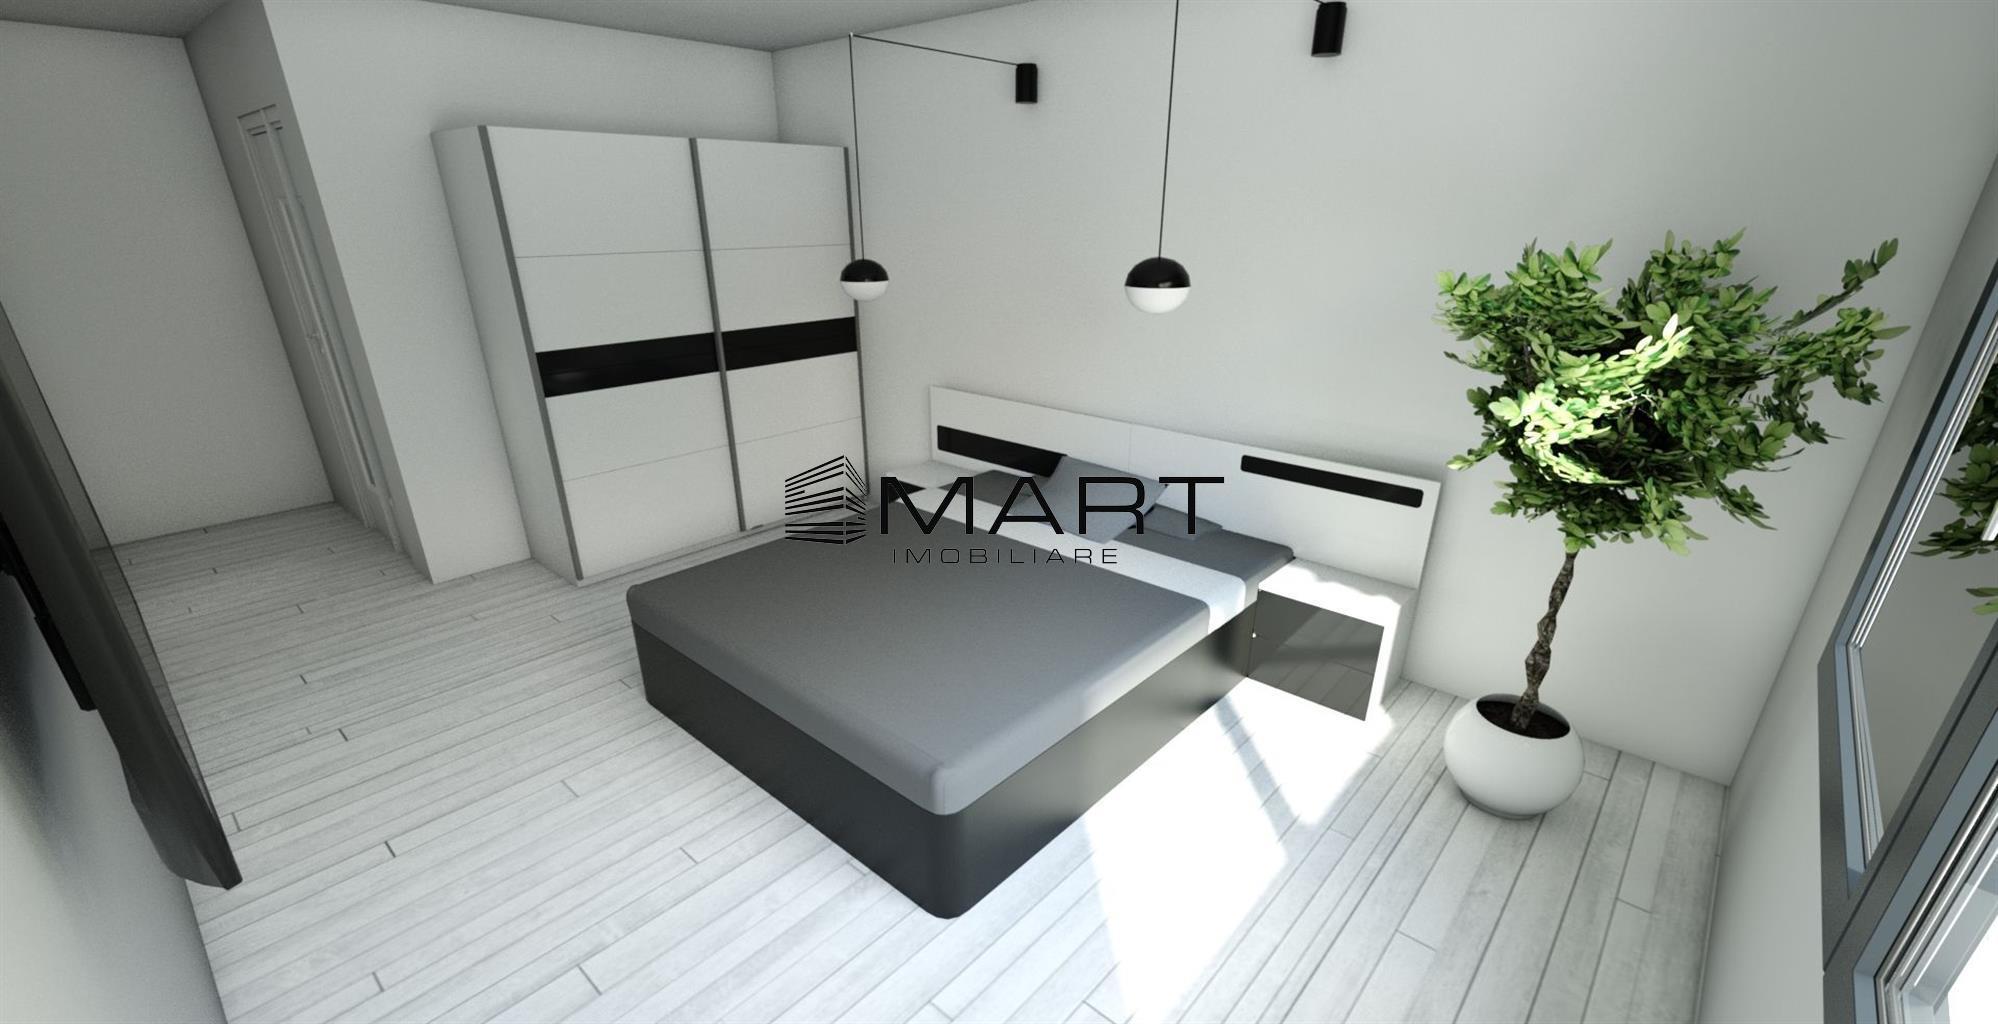 Apartament 3 camere 75 mp utili zona Calea Dumbravii